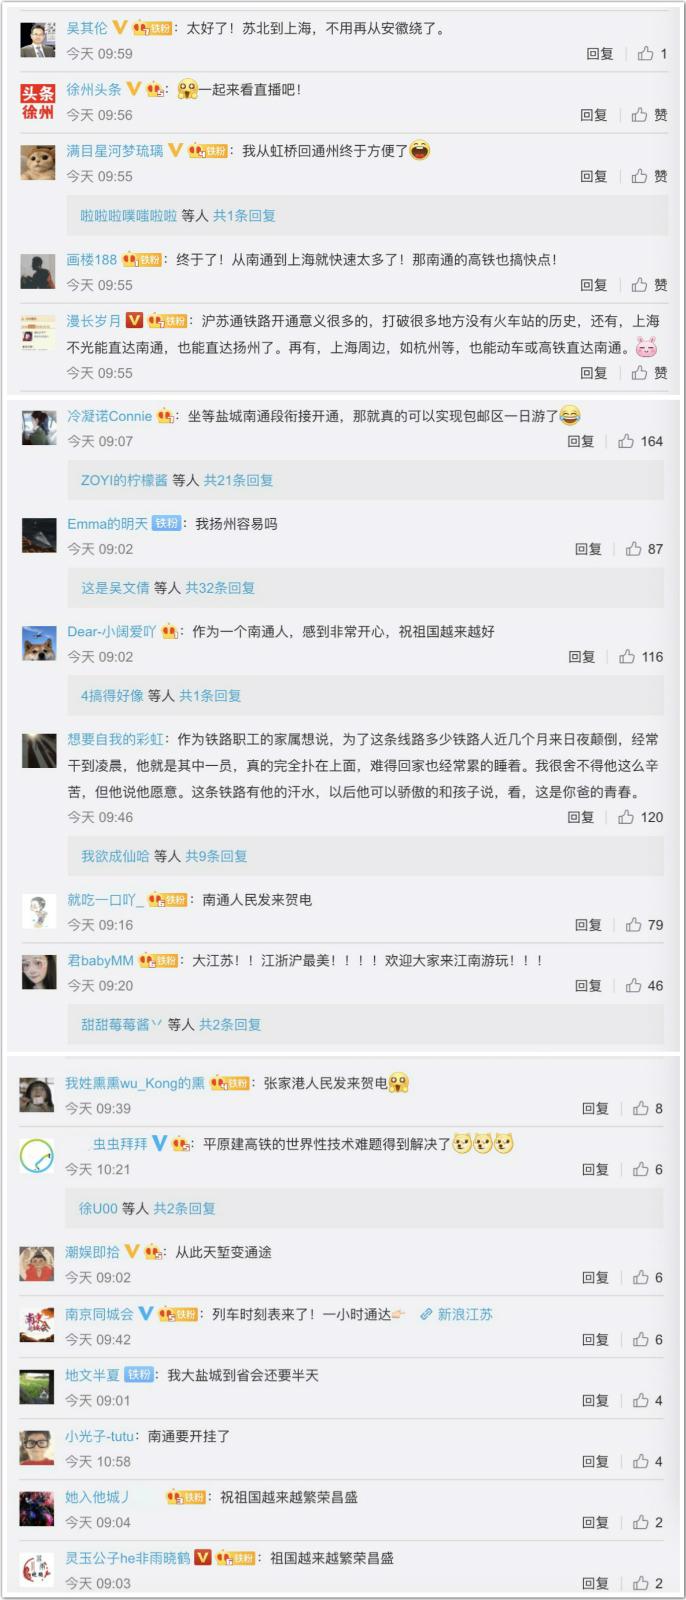 沪苏通铁路开通!江苏南通正式加入长三角1小时经济圈